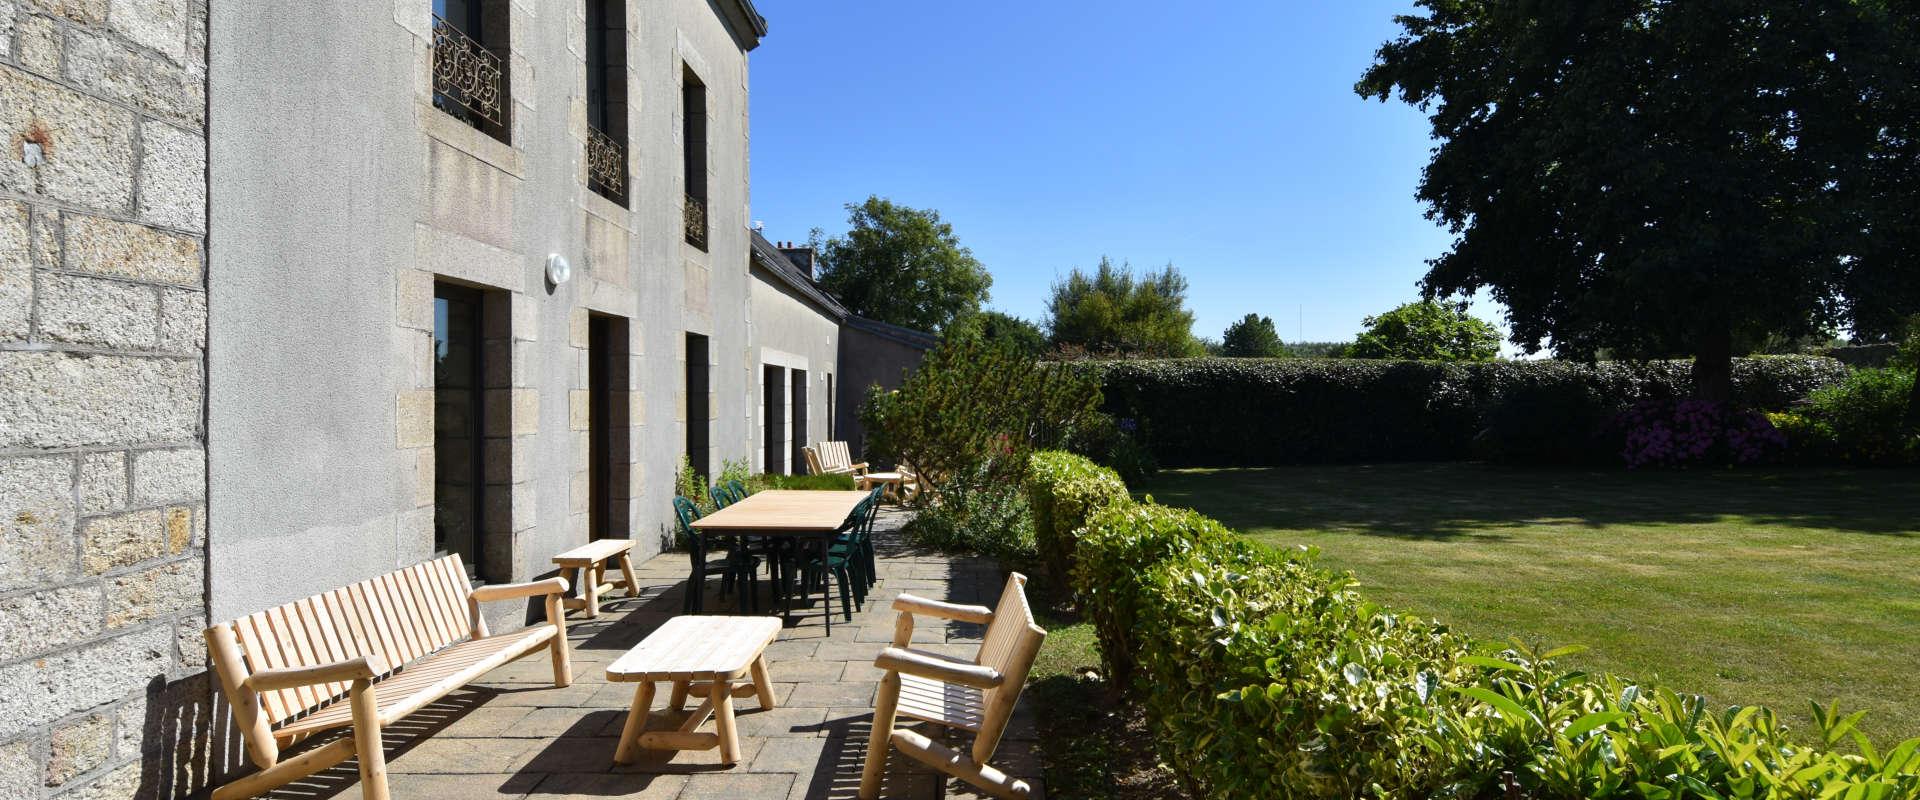 manoir-scluz-2terrasse-cote-jardin.jpg